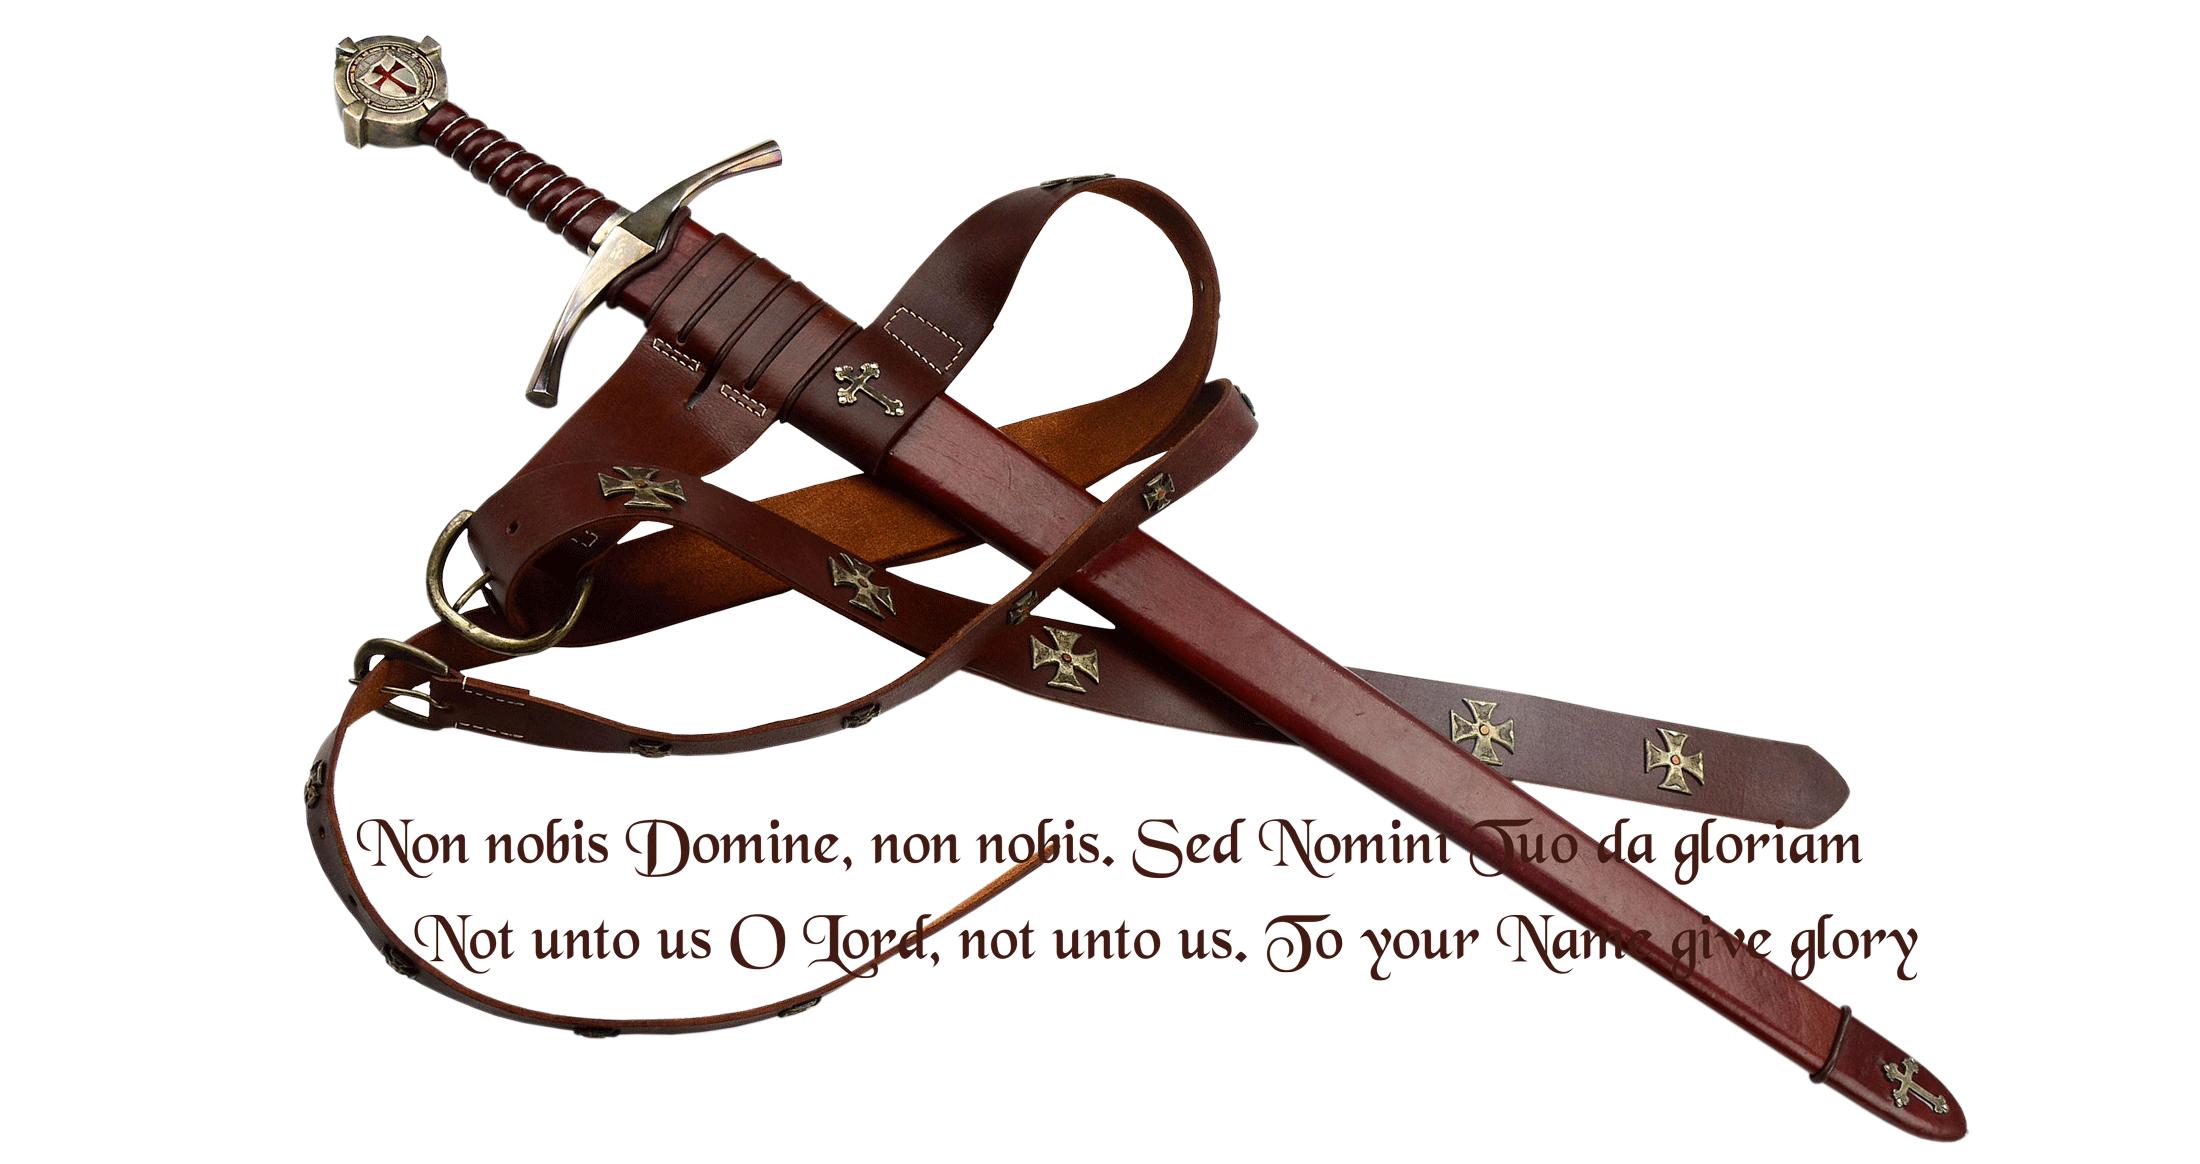 The Templar's Accolade Sword